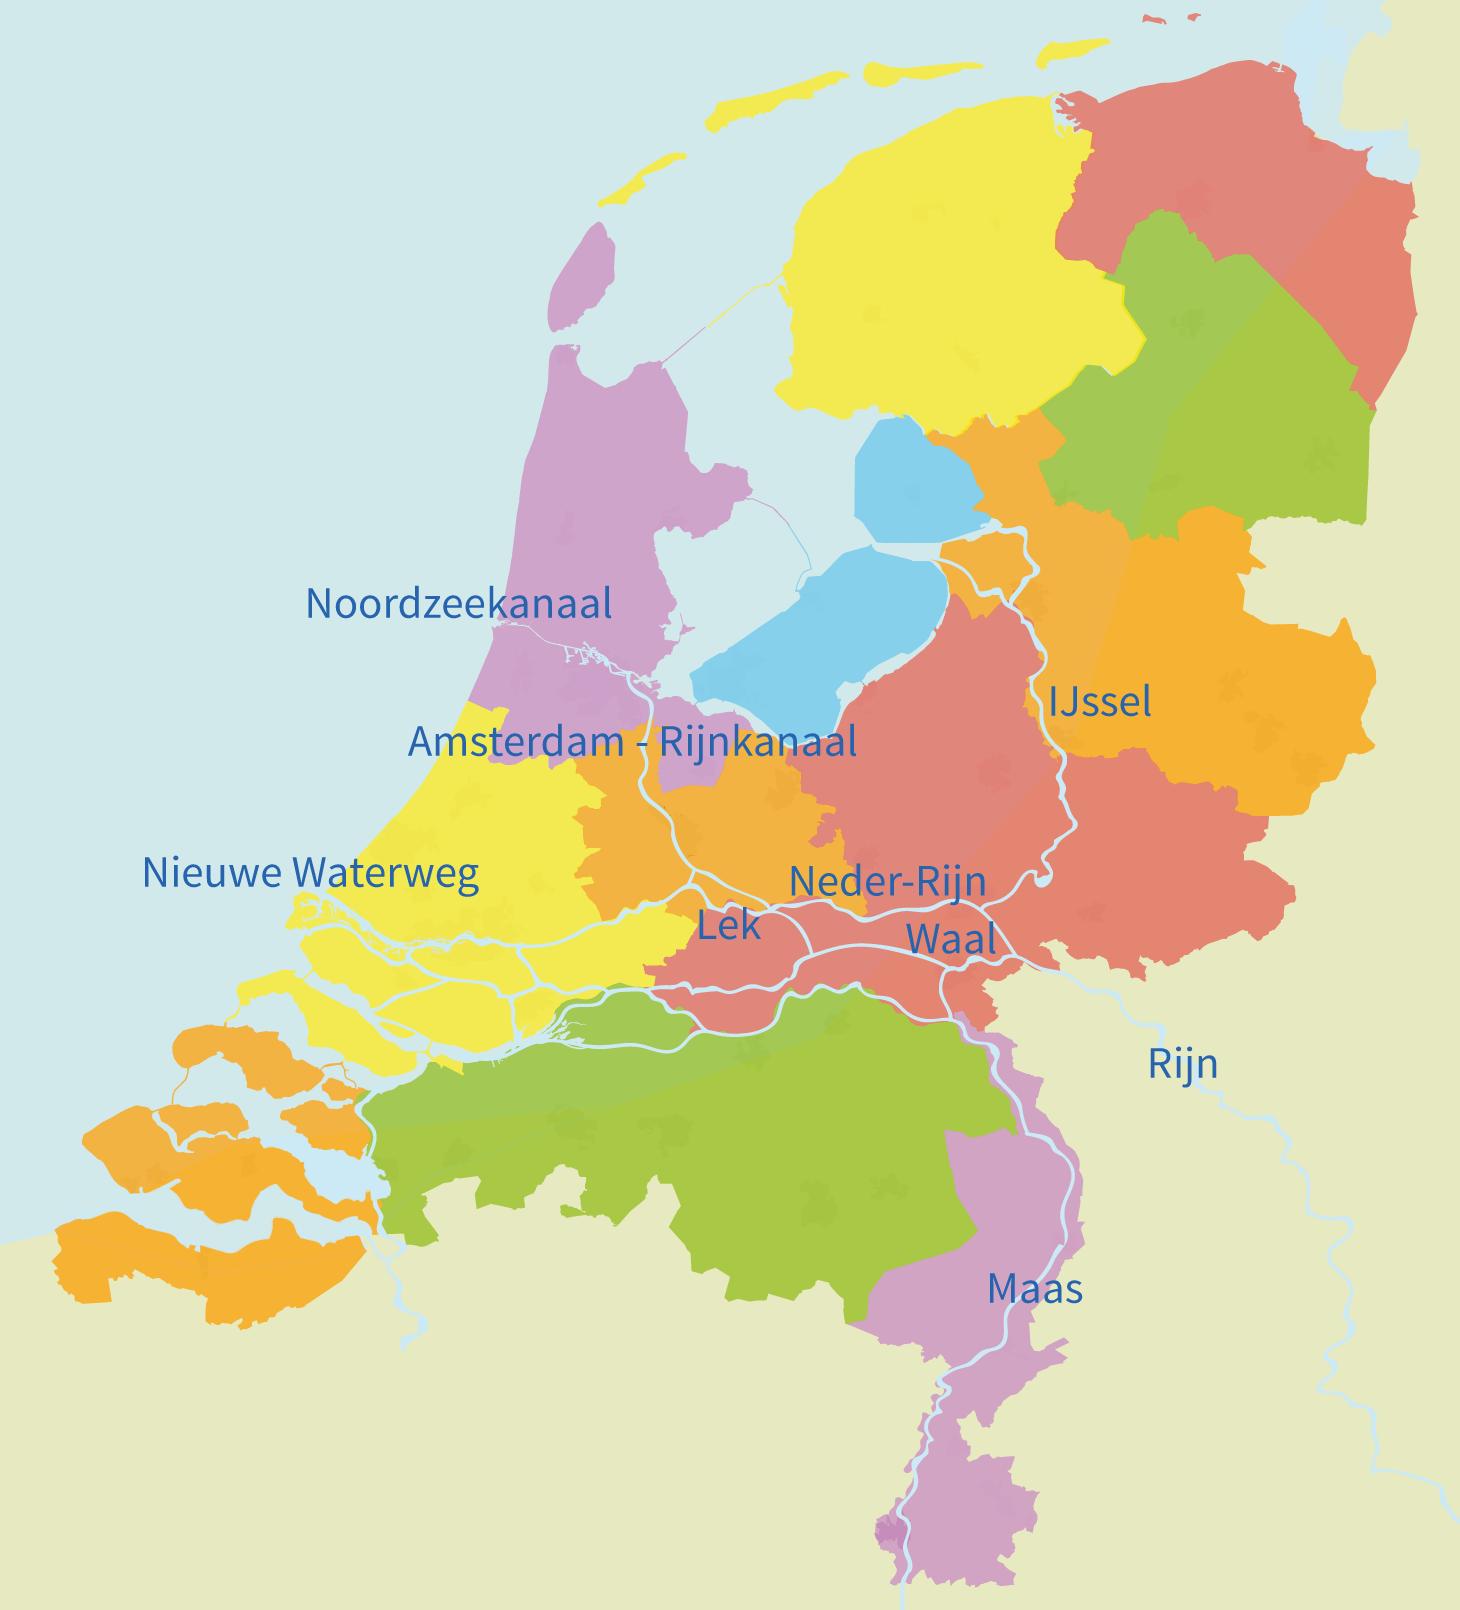 Nederland, rivieren, topo, kanalen, groep 5, topografie, maas, rijn, waal, IJssel